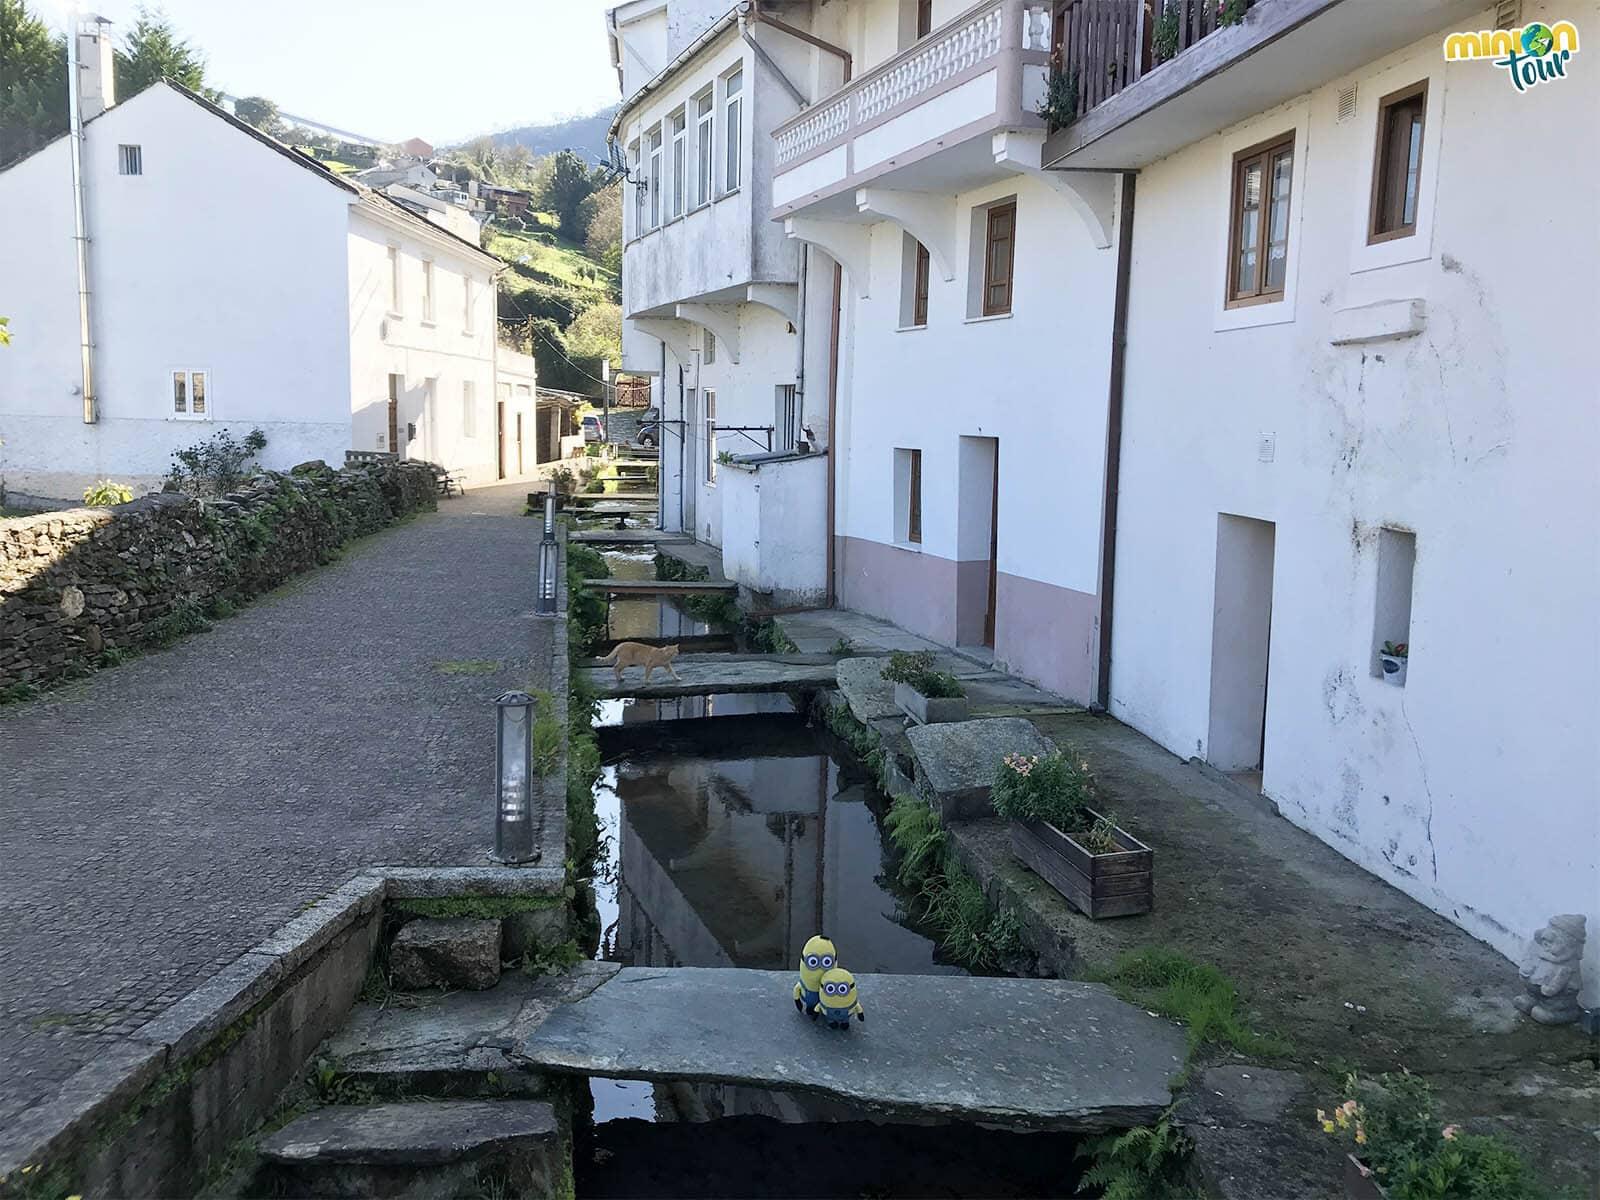 Los canales es otra de las cosas que tienes que ver en el Barrio de los Molinos de Mondoñedo